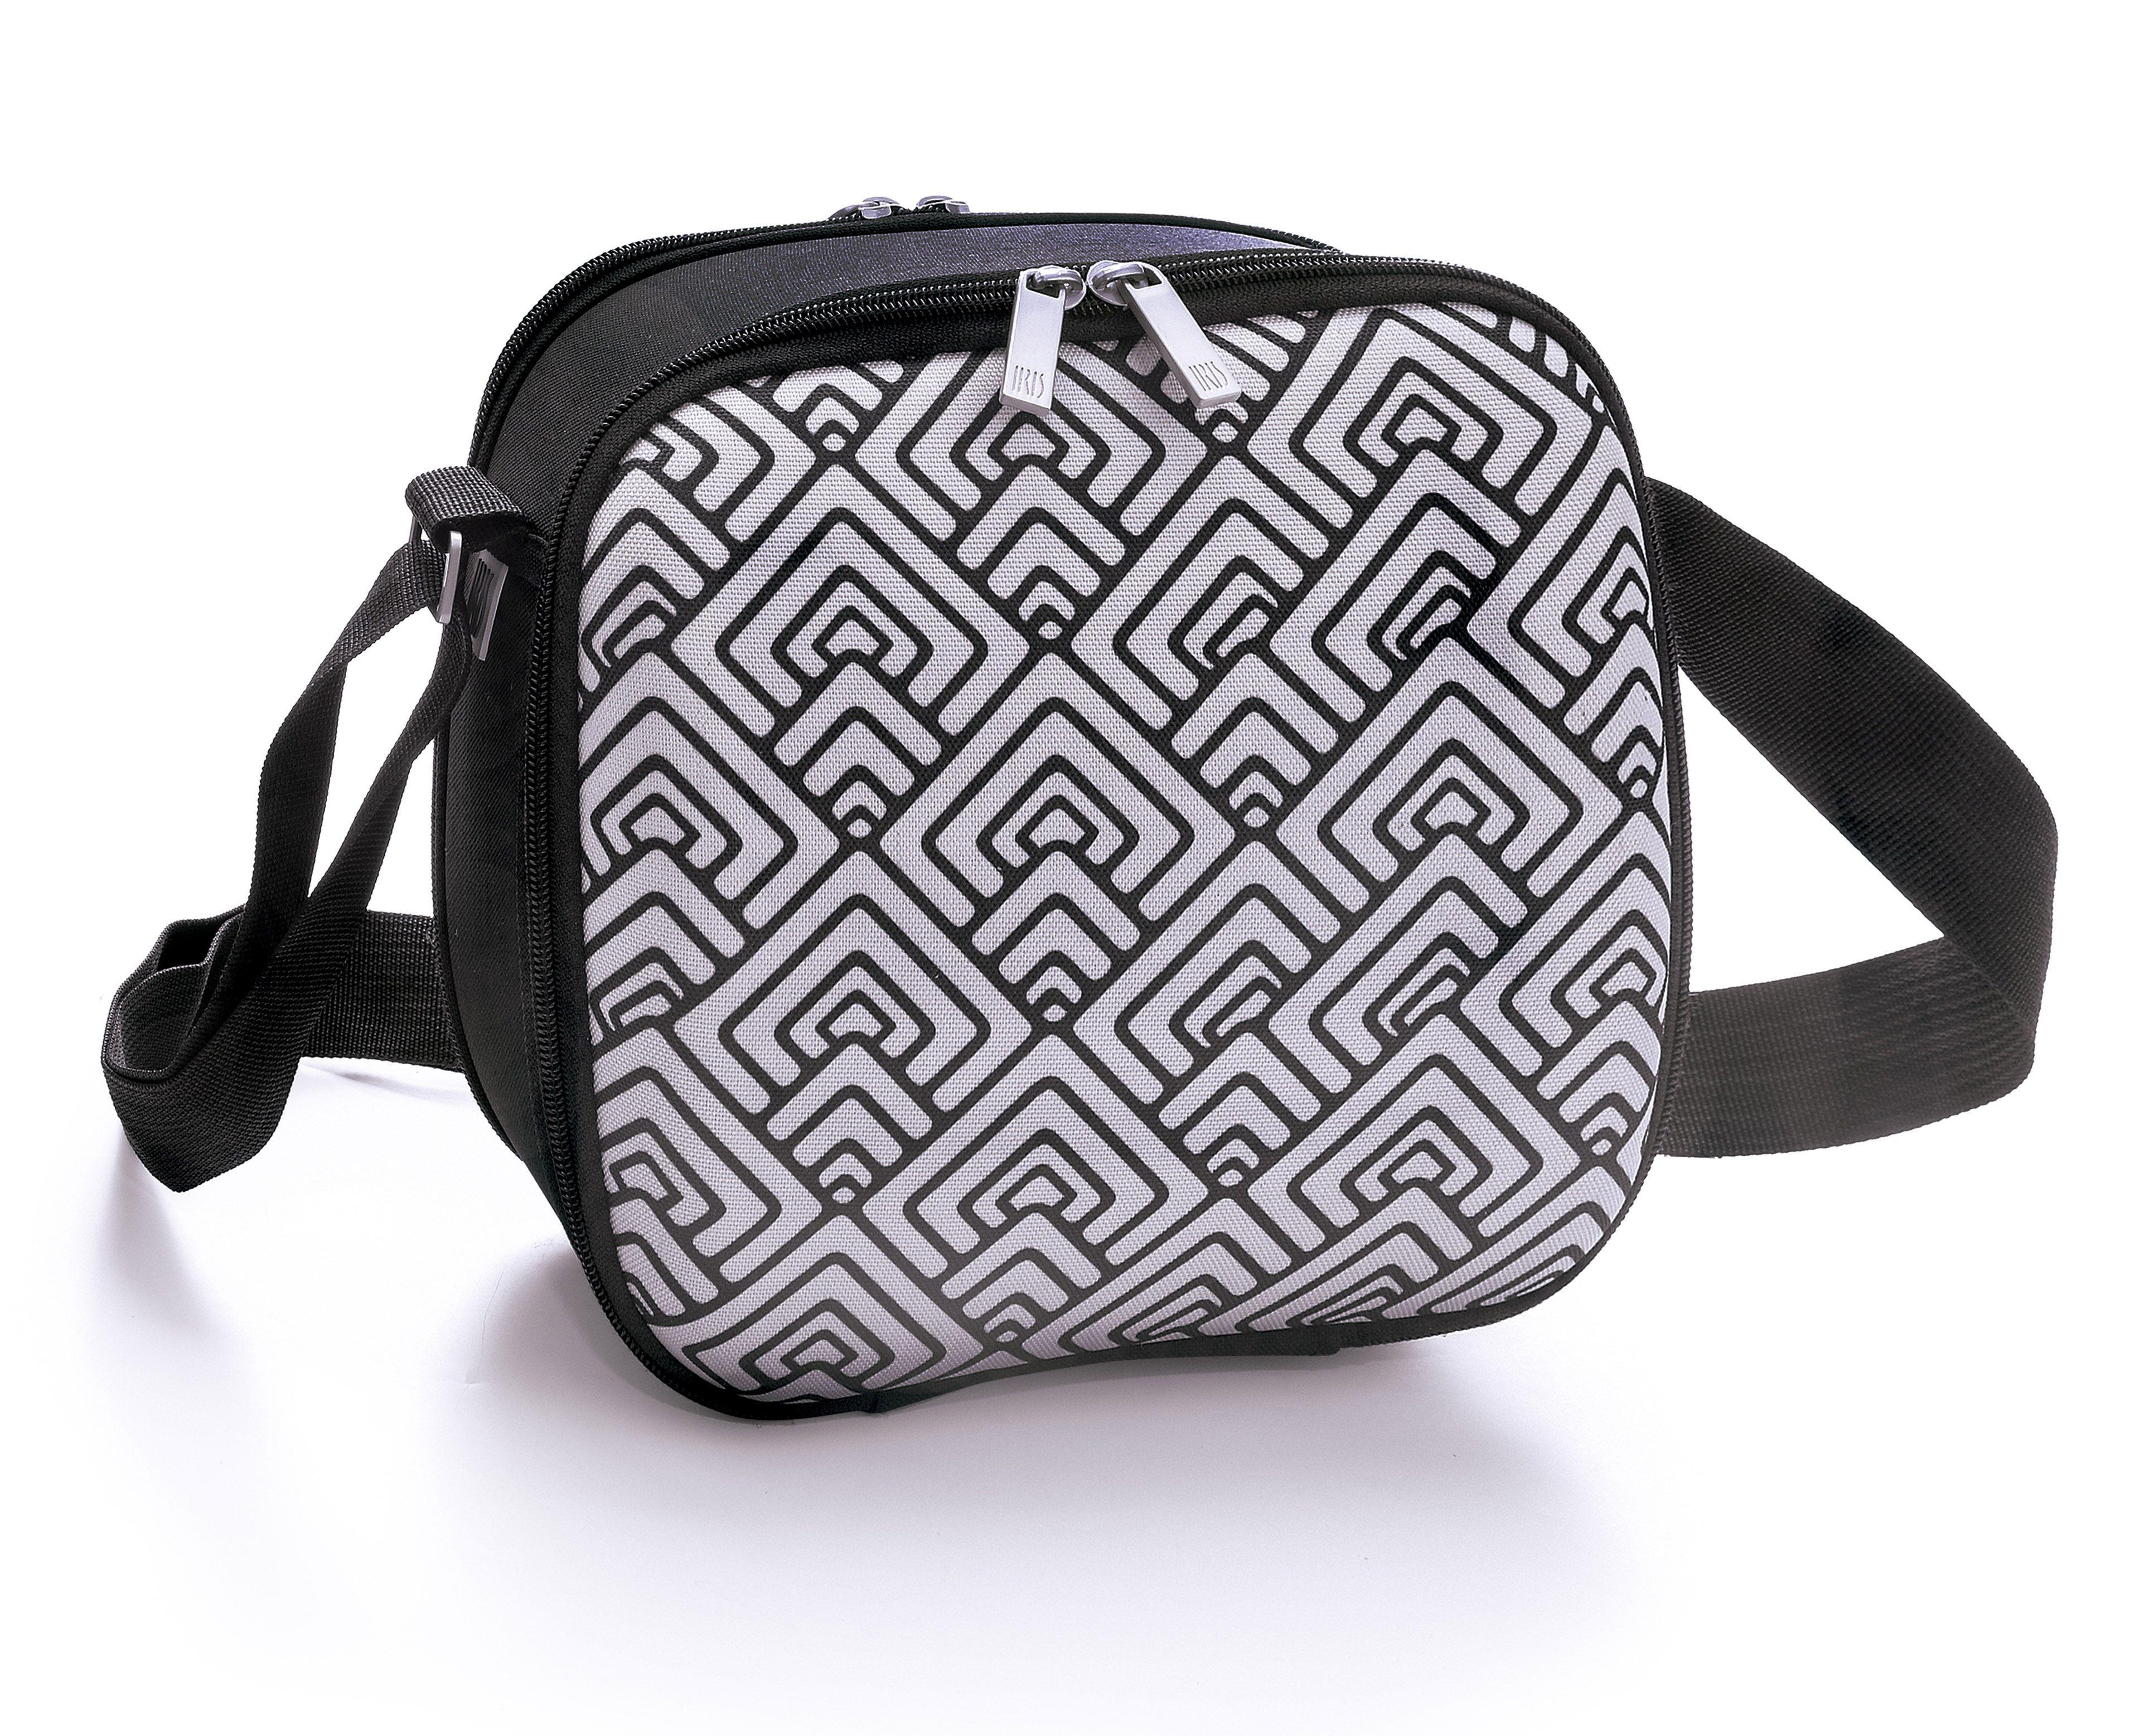 Cubic Lunchbag Happy en su versión de rombos. Un portalimentos muy estiloso.